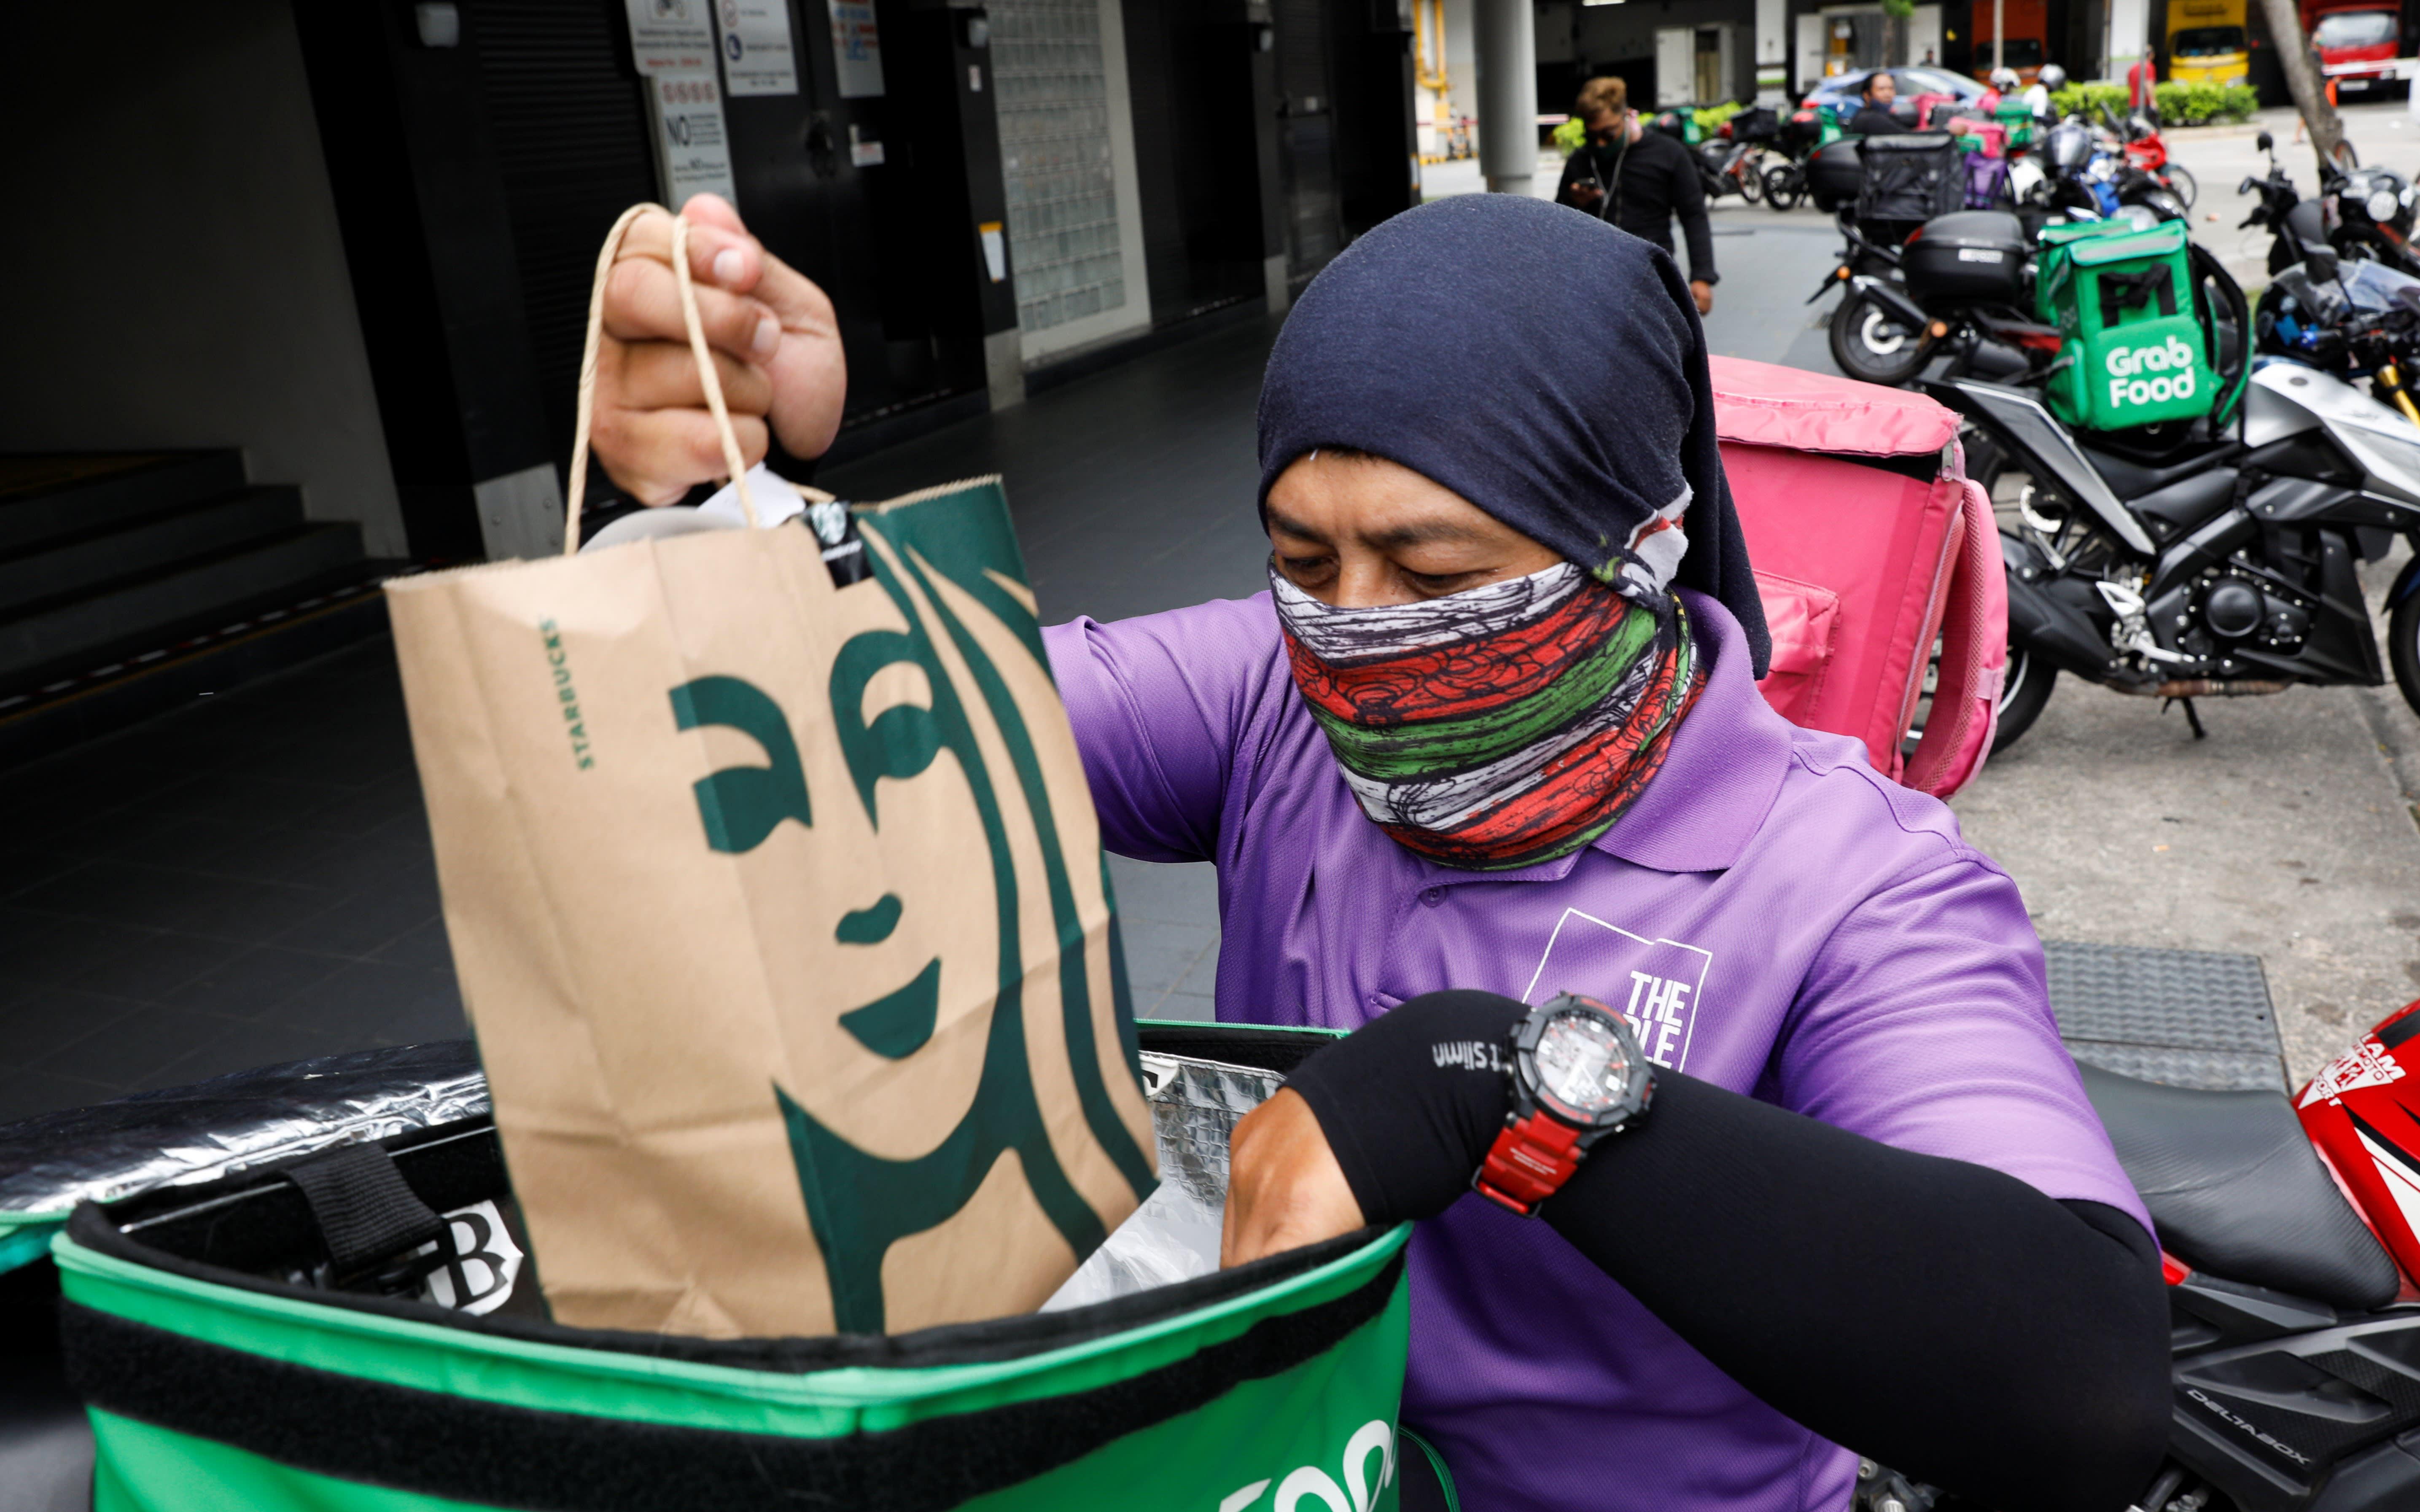 Baemin - Ứng dụng giao đồ ăn của kỳ lân Hàn Quốc Woowa Brothers gia nhập chiến trường giao đồ ăn Hà Nội